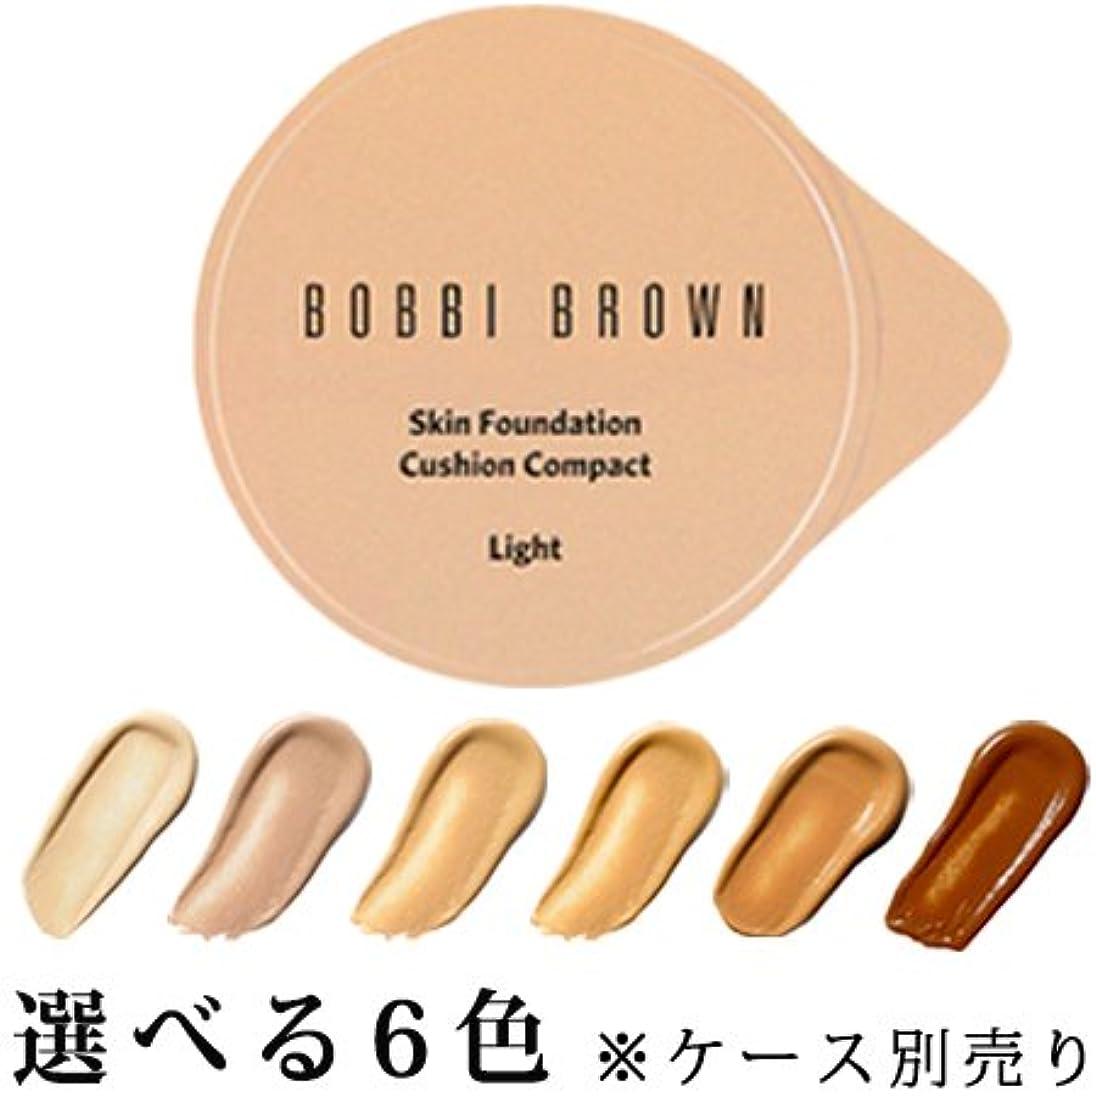 コショウ研磨剤コロニアルボビイブラウン スキン ファンデーション クッション コンパクト SPF 50 (PA+++) レフィル(スポンジ付)6色展開 -BOBBI BROWN- エクストラライト